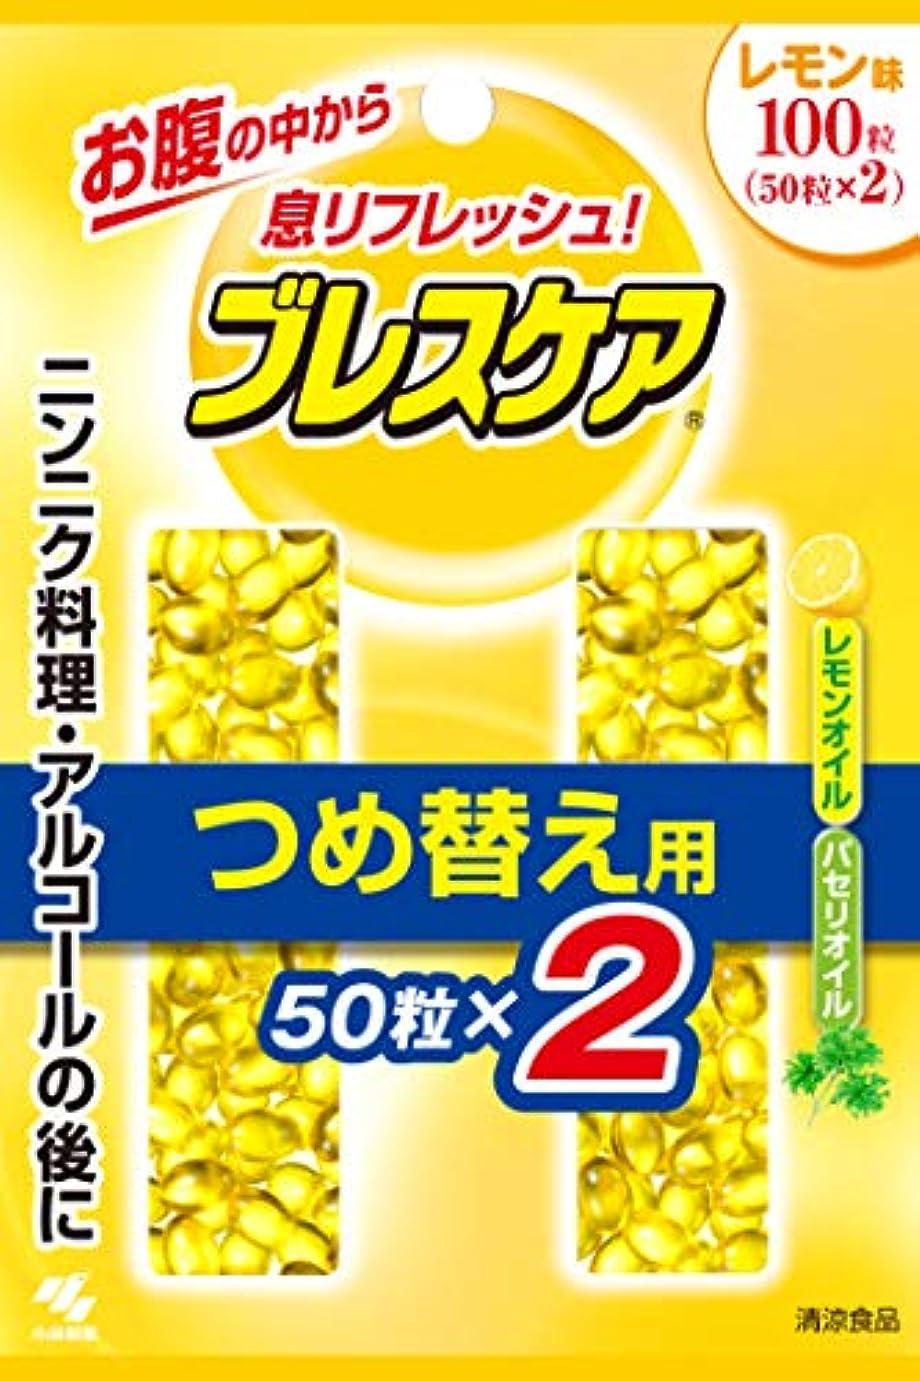 コンデンサー知り合い脱獄ブレスケア 水で飲む息清涼カプセル 詰め替え用 レモン 100粒(50粒×2個